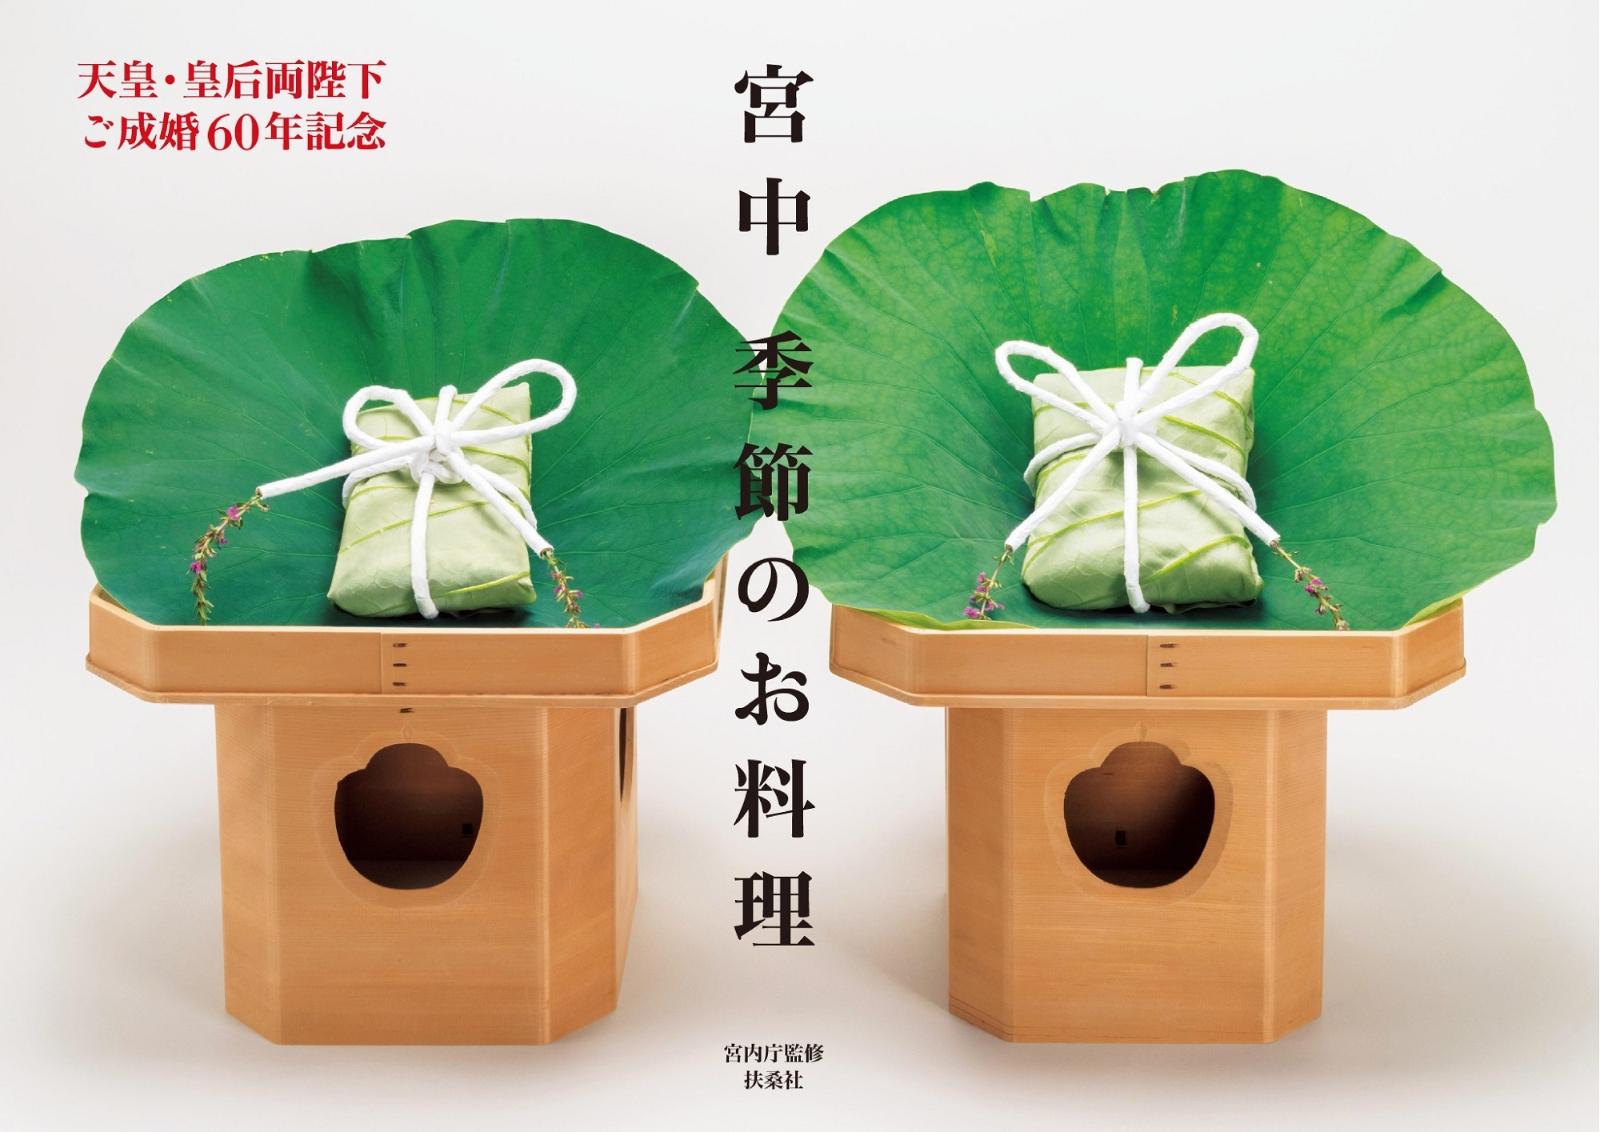 楽天ブックス: 宮中 季節のお料理 - 宮内庁侍従職 - 9784594081775 : 本